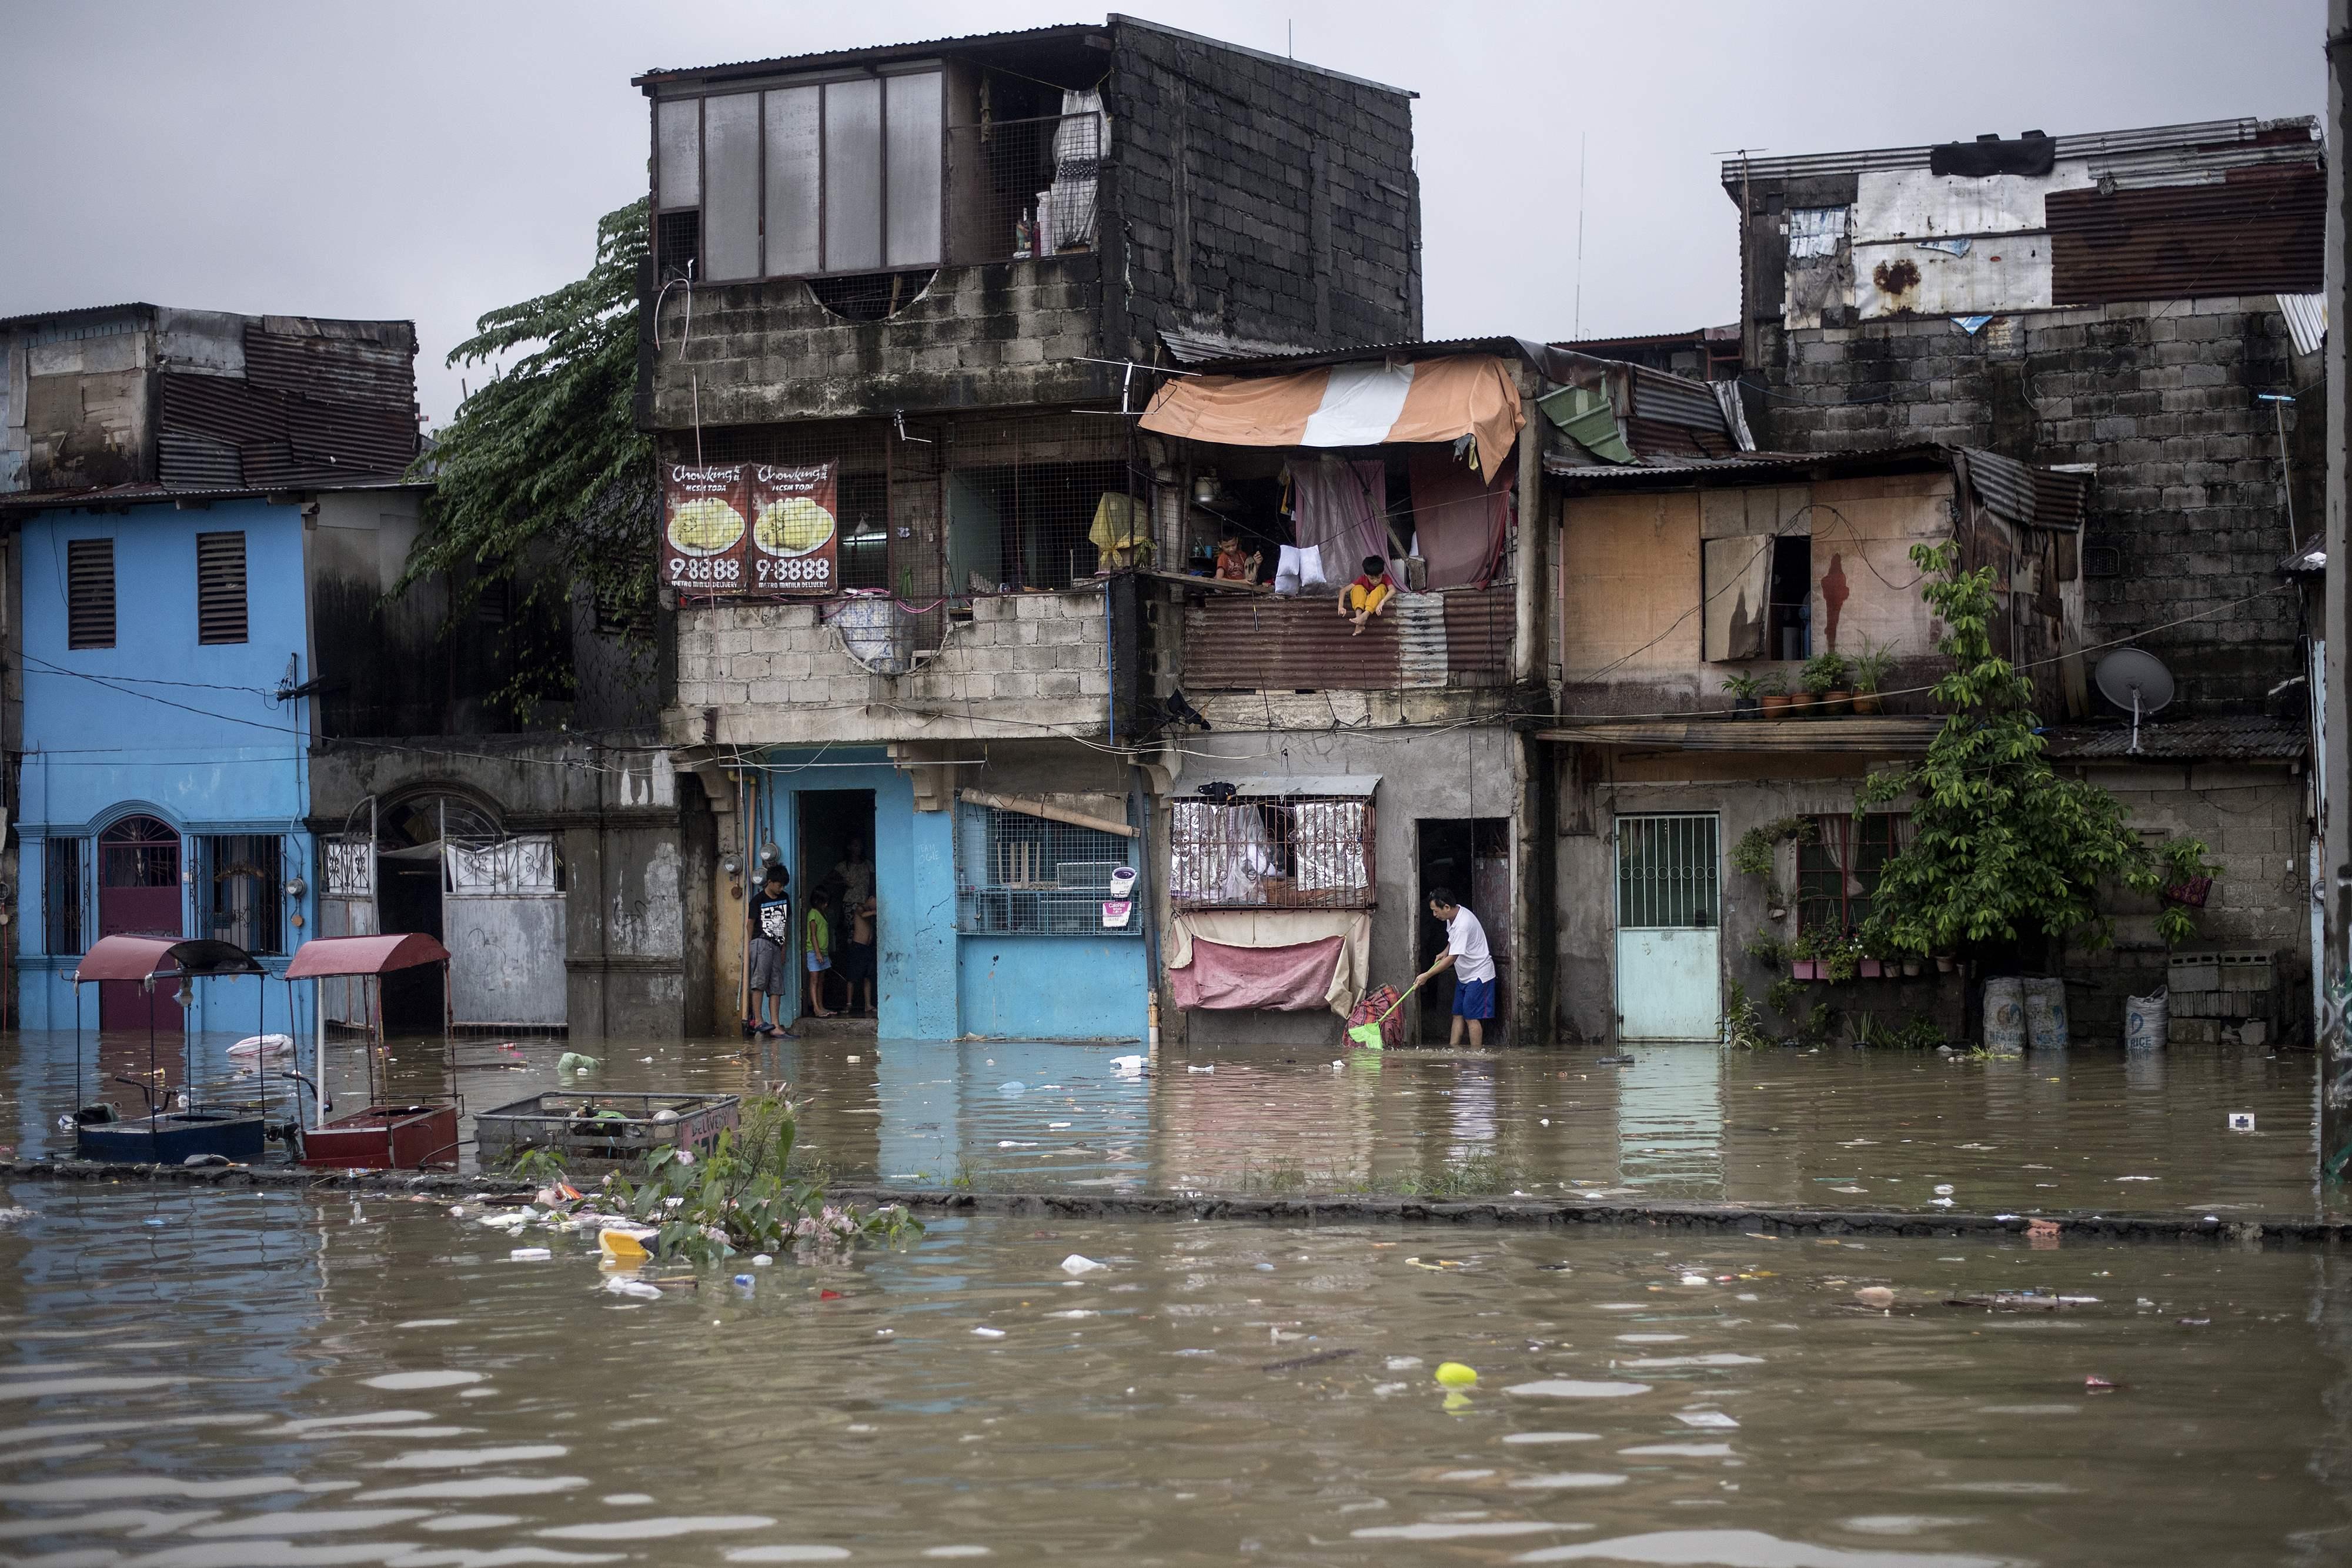 شوارع الفلبين تغرق فى مياه الفيضانات